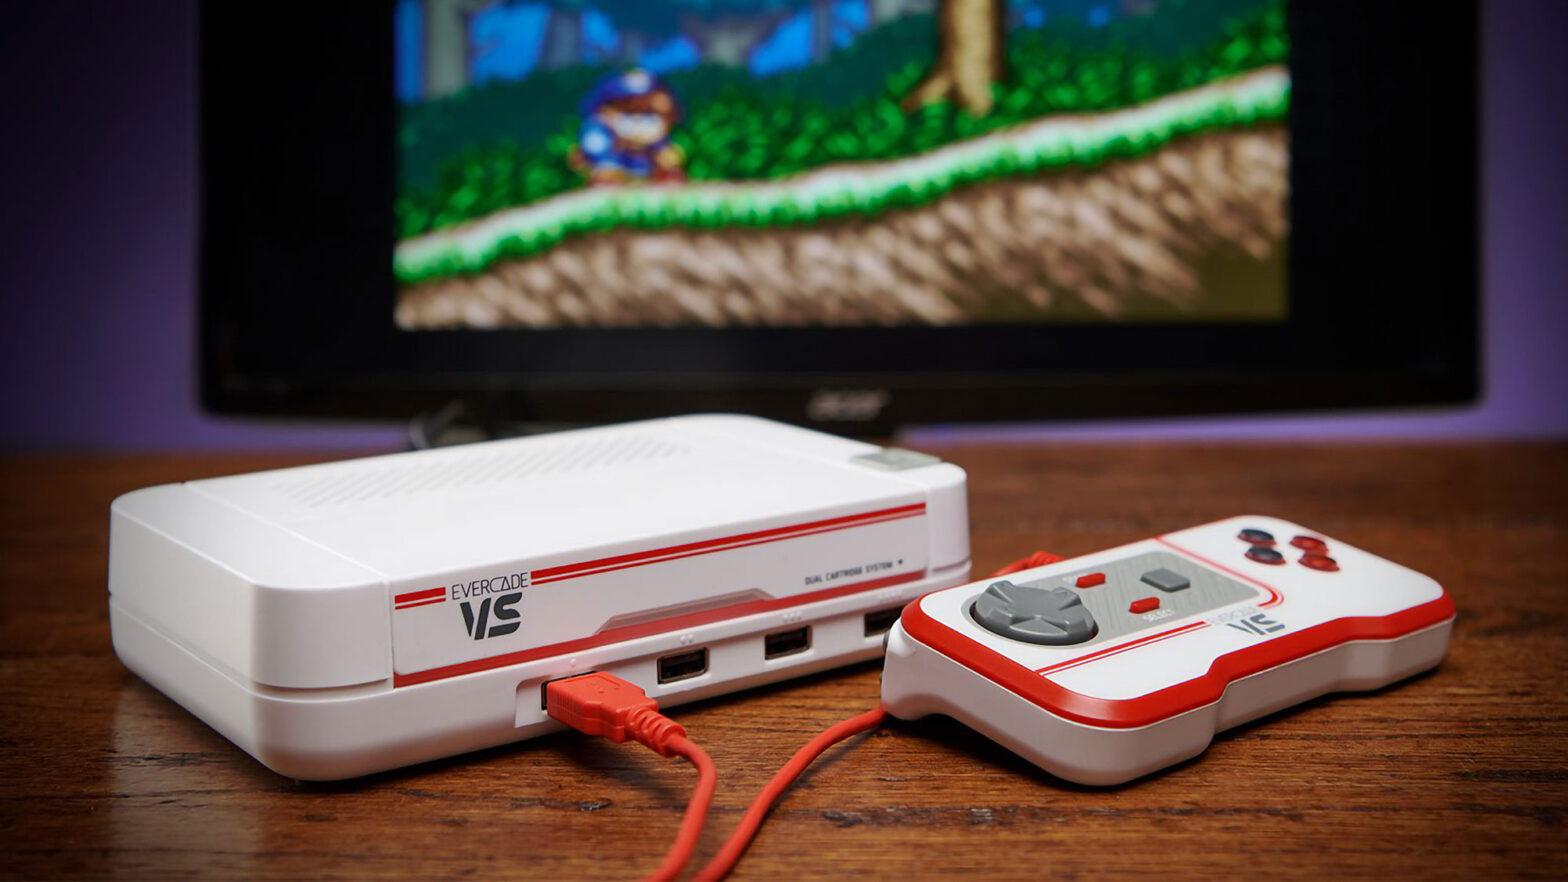 EVERCADE VS Retro Video Game Console